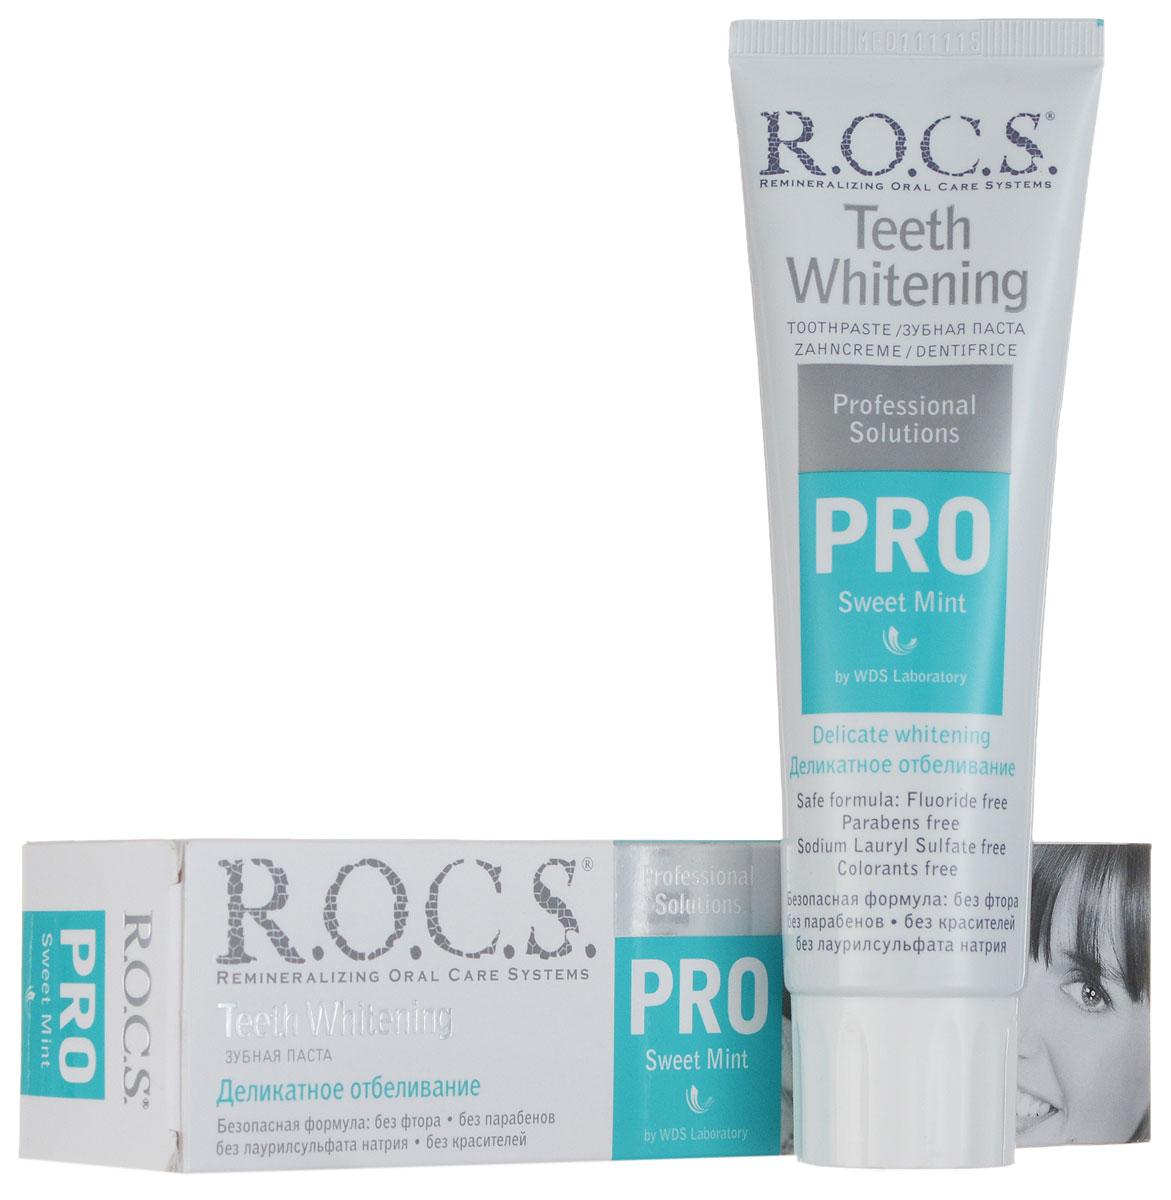 R.O.C.S Зубная паста PRO Delicate White, Sweet Mint411090Для безупречной красоты вашей улыбки и чистоты зубовБезопасная формула: не содержит фтор, лаурилсульфат натрия, парабены и красителиПодходит для постоянного ежедневного использования